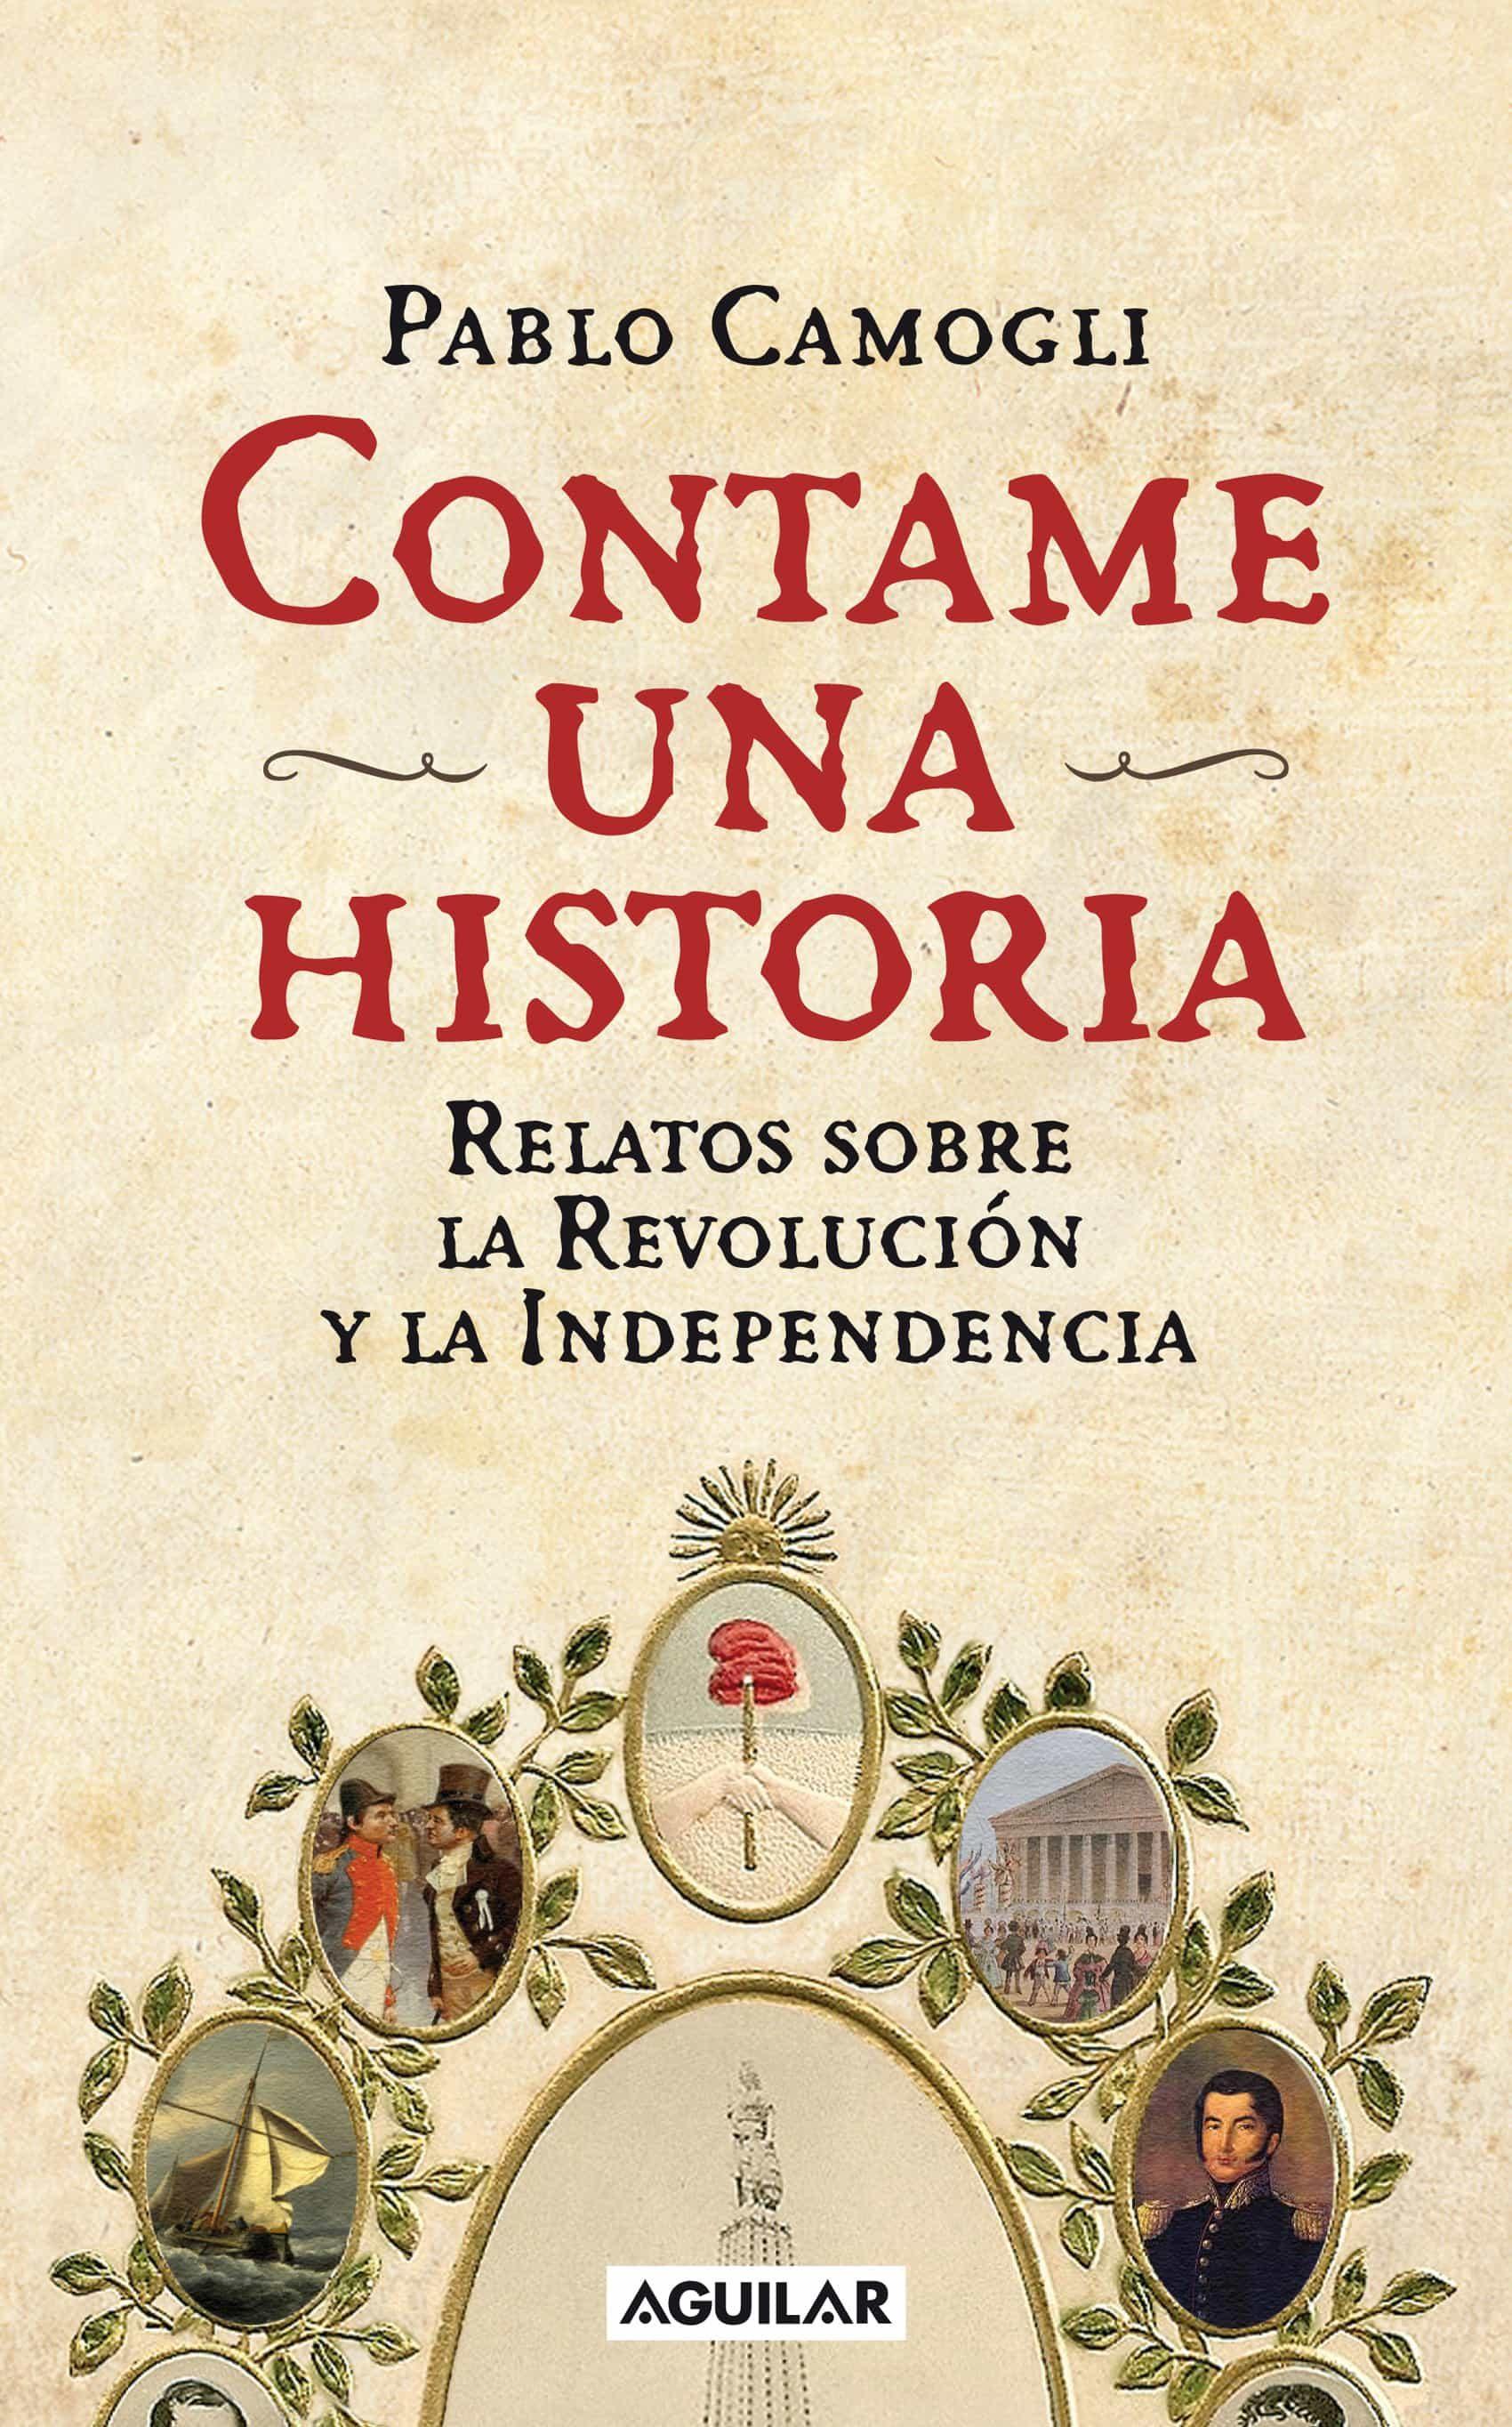 Contame una historia: Relatos sobre la Revolución y la Independencia